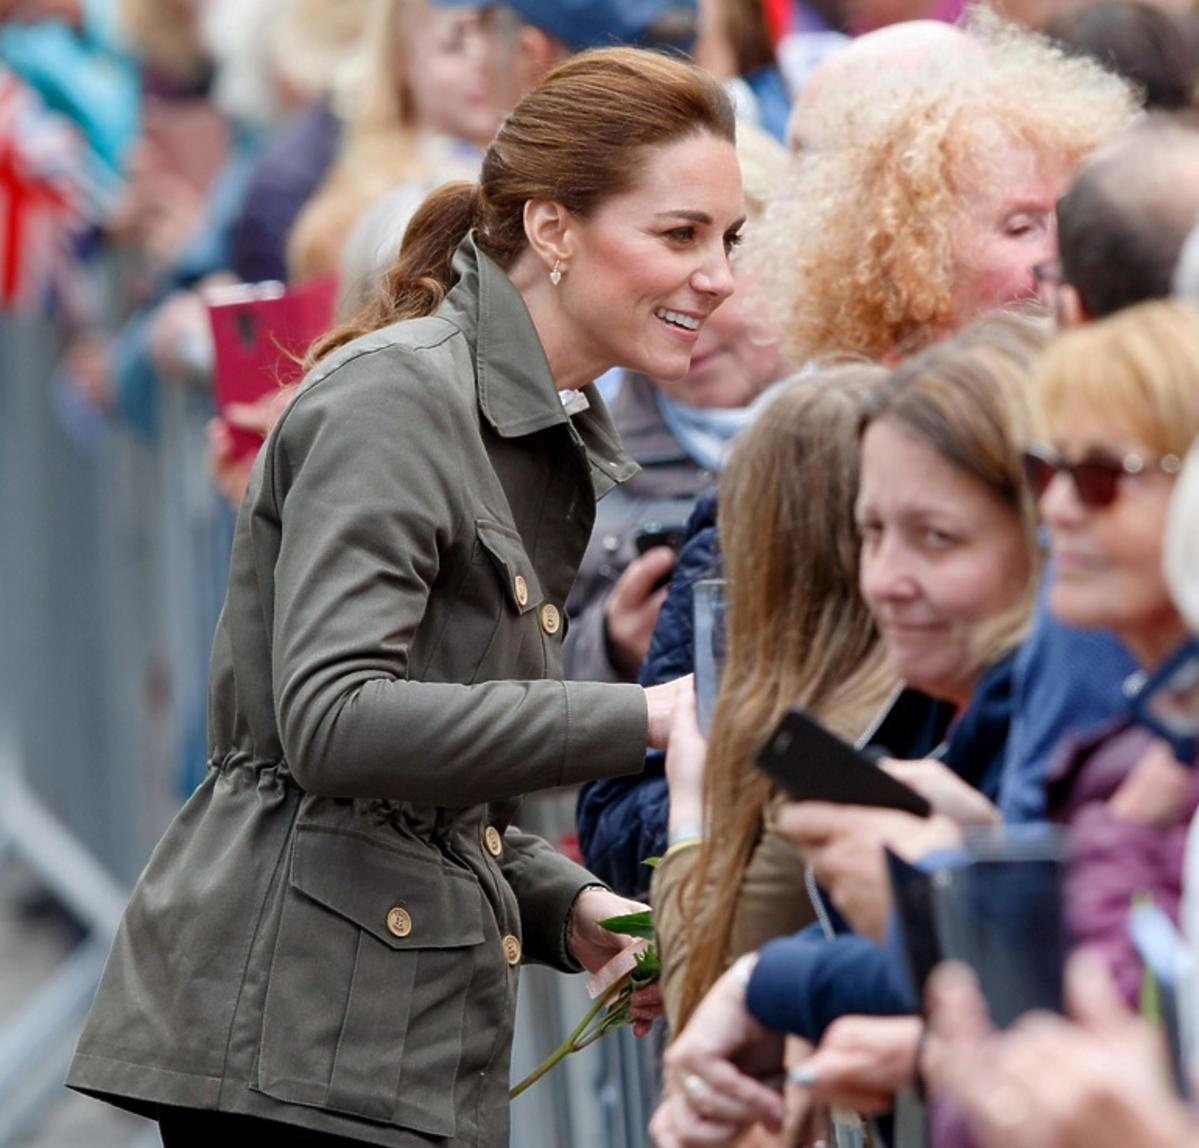 księżna Kate wita sięz tłumem ludzi